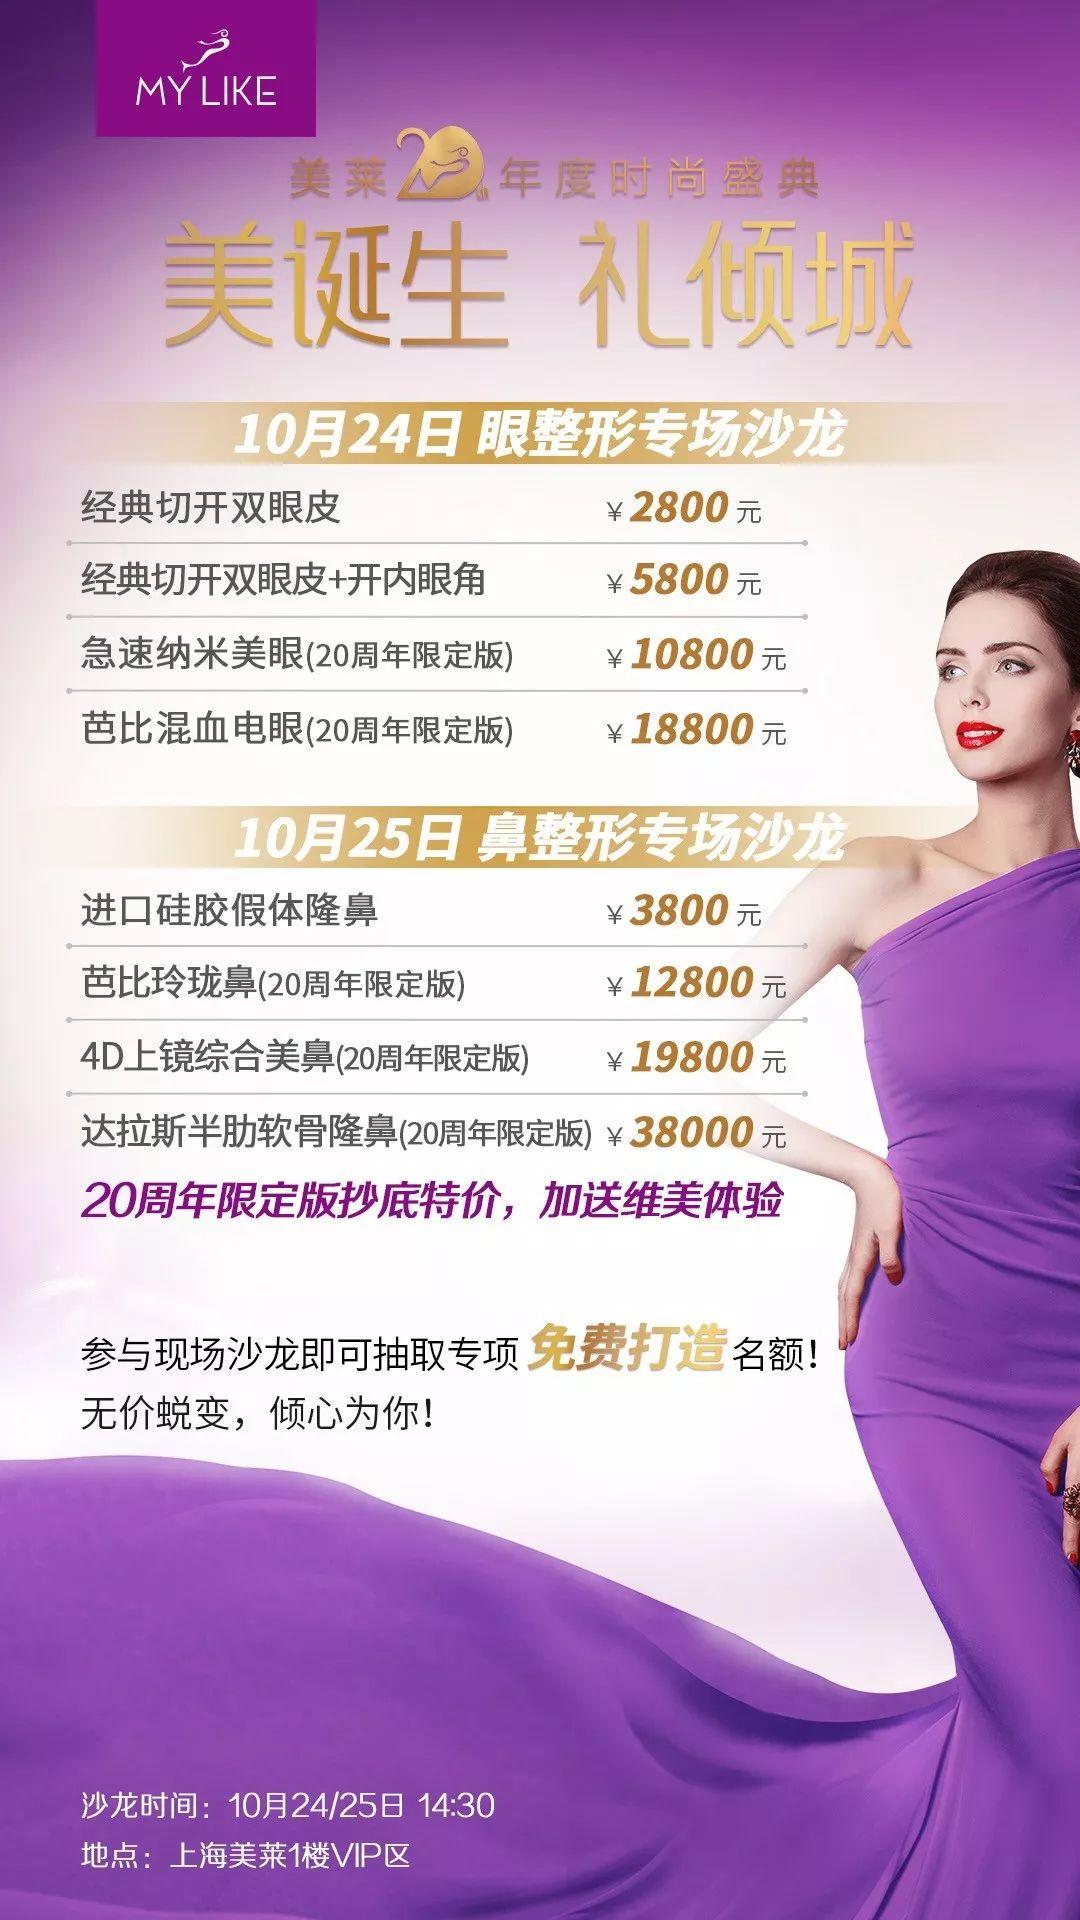 上海美莱周年庆眼鼻专场